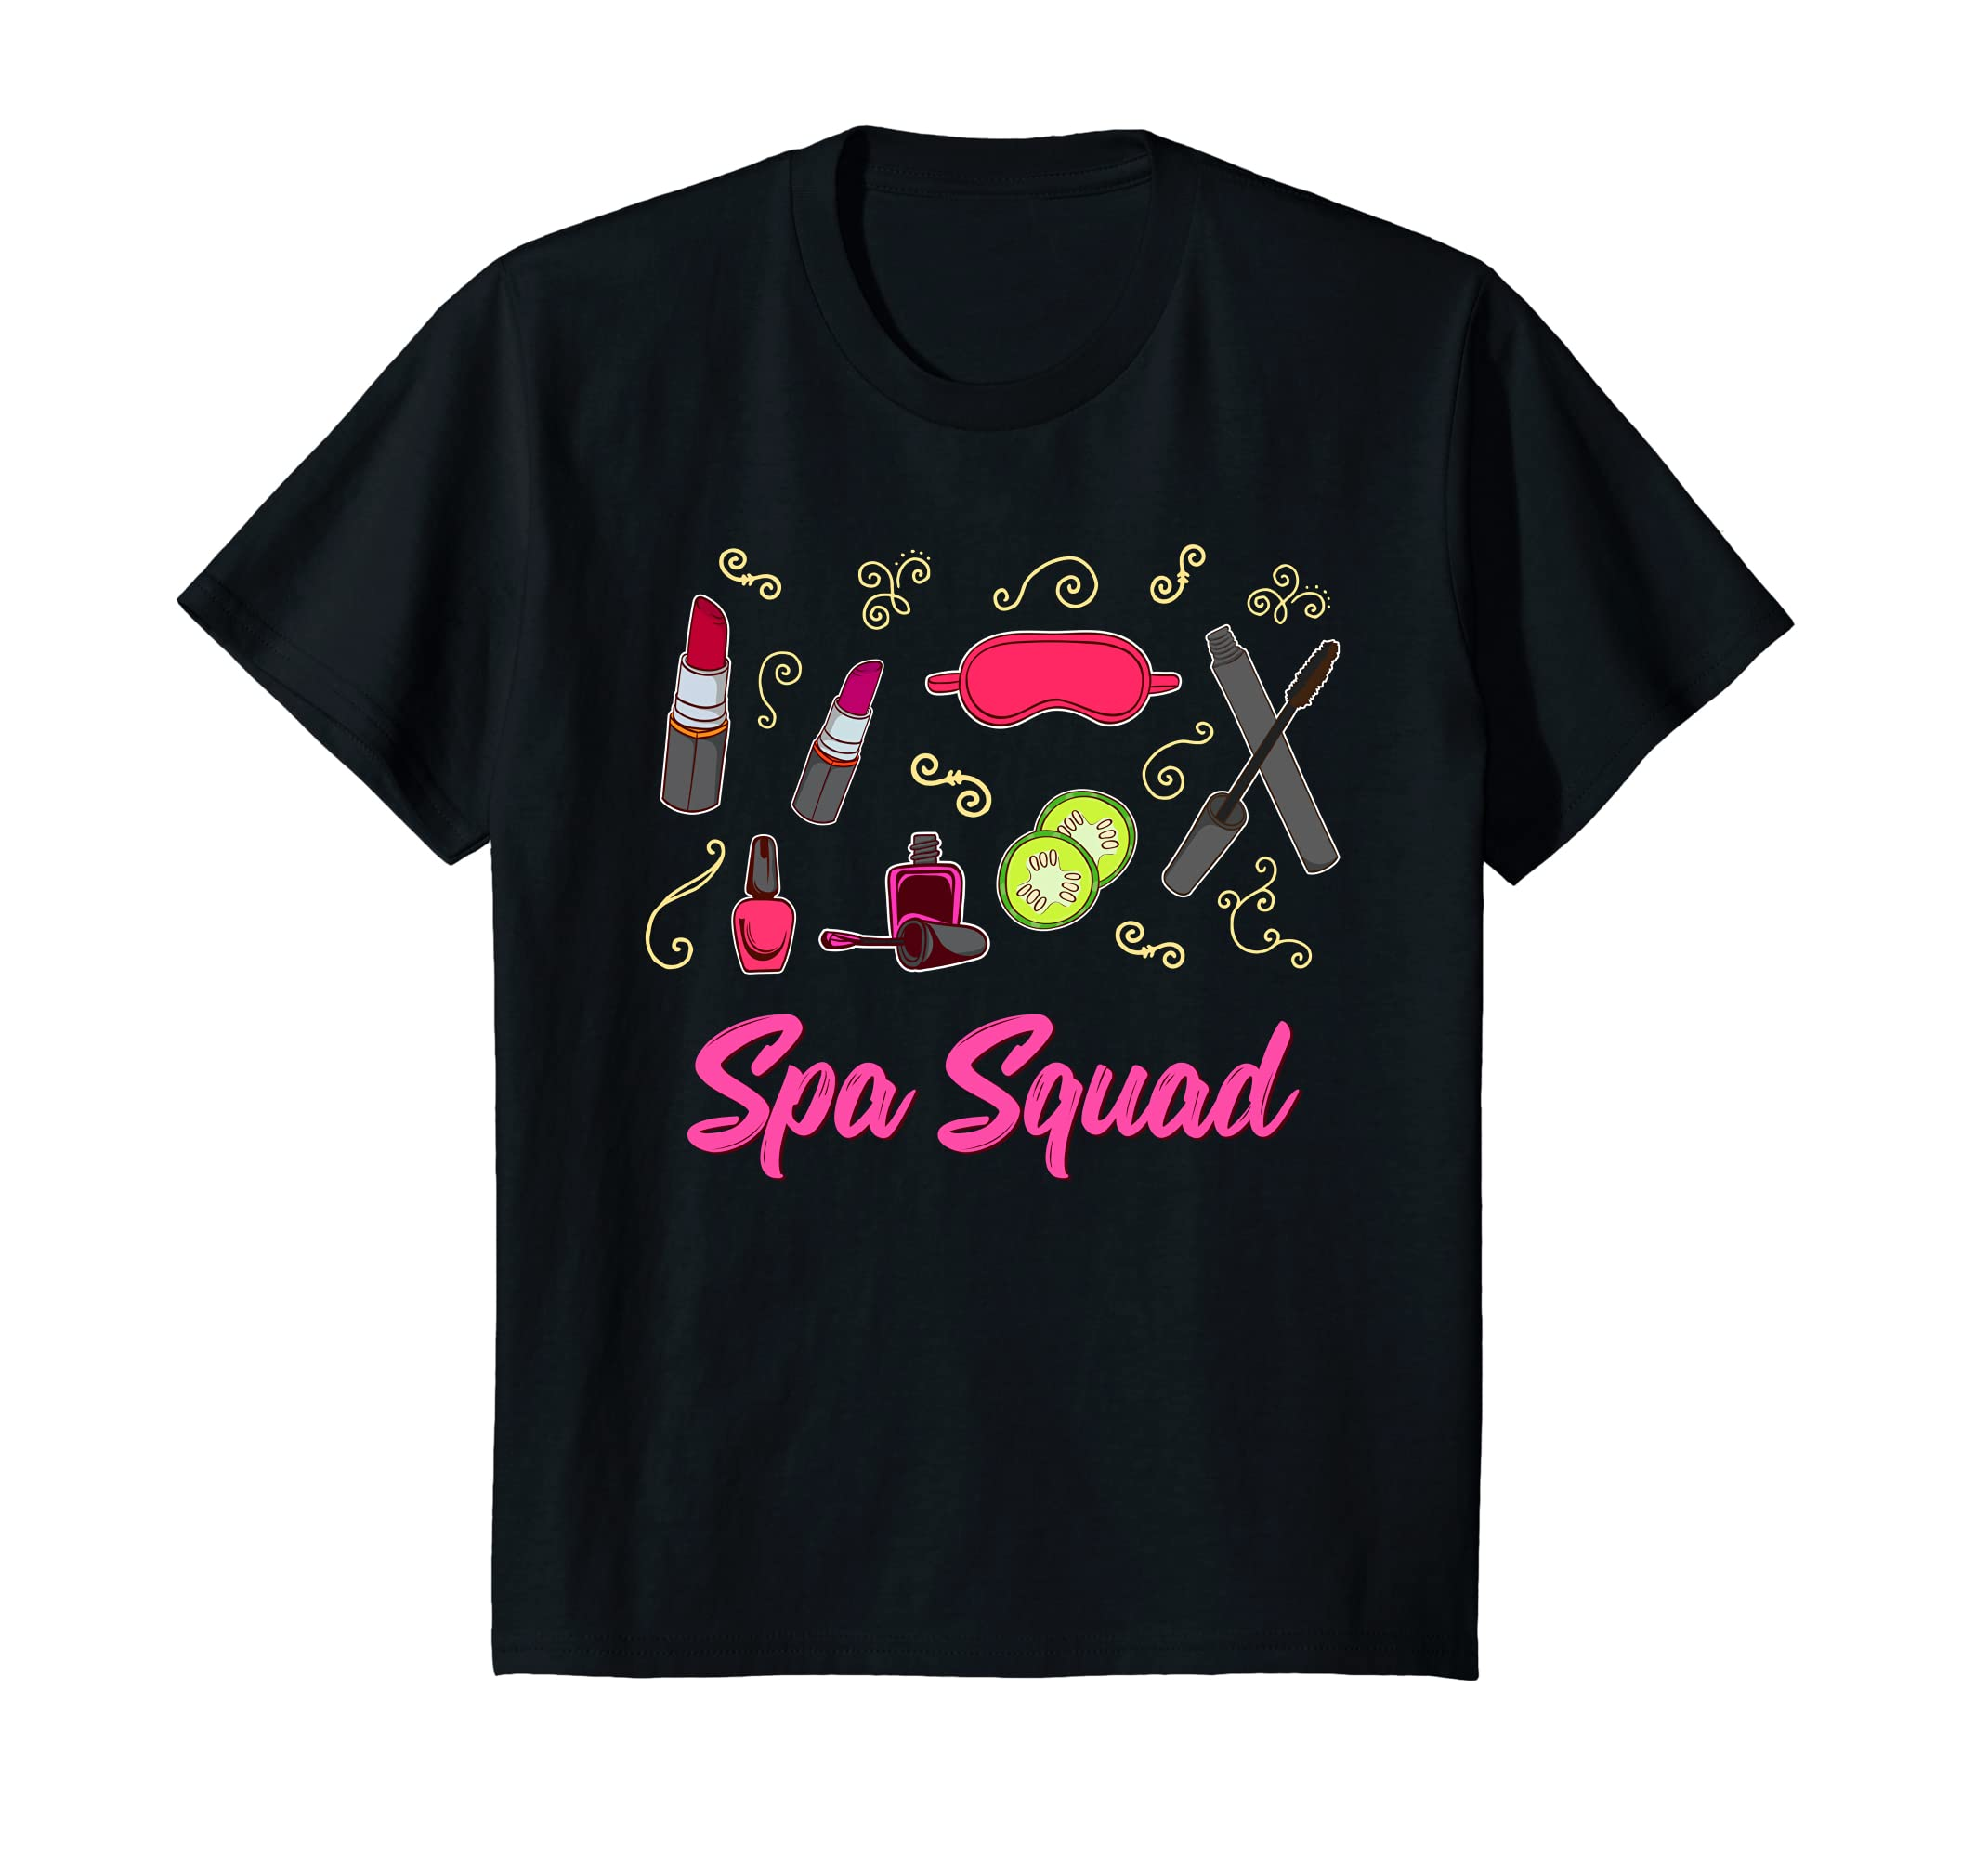 Spa Birthday Shirt   Spa Squad Shirt-Teechatpro